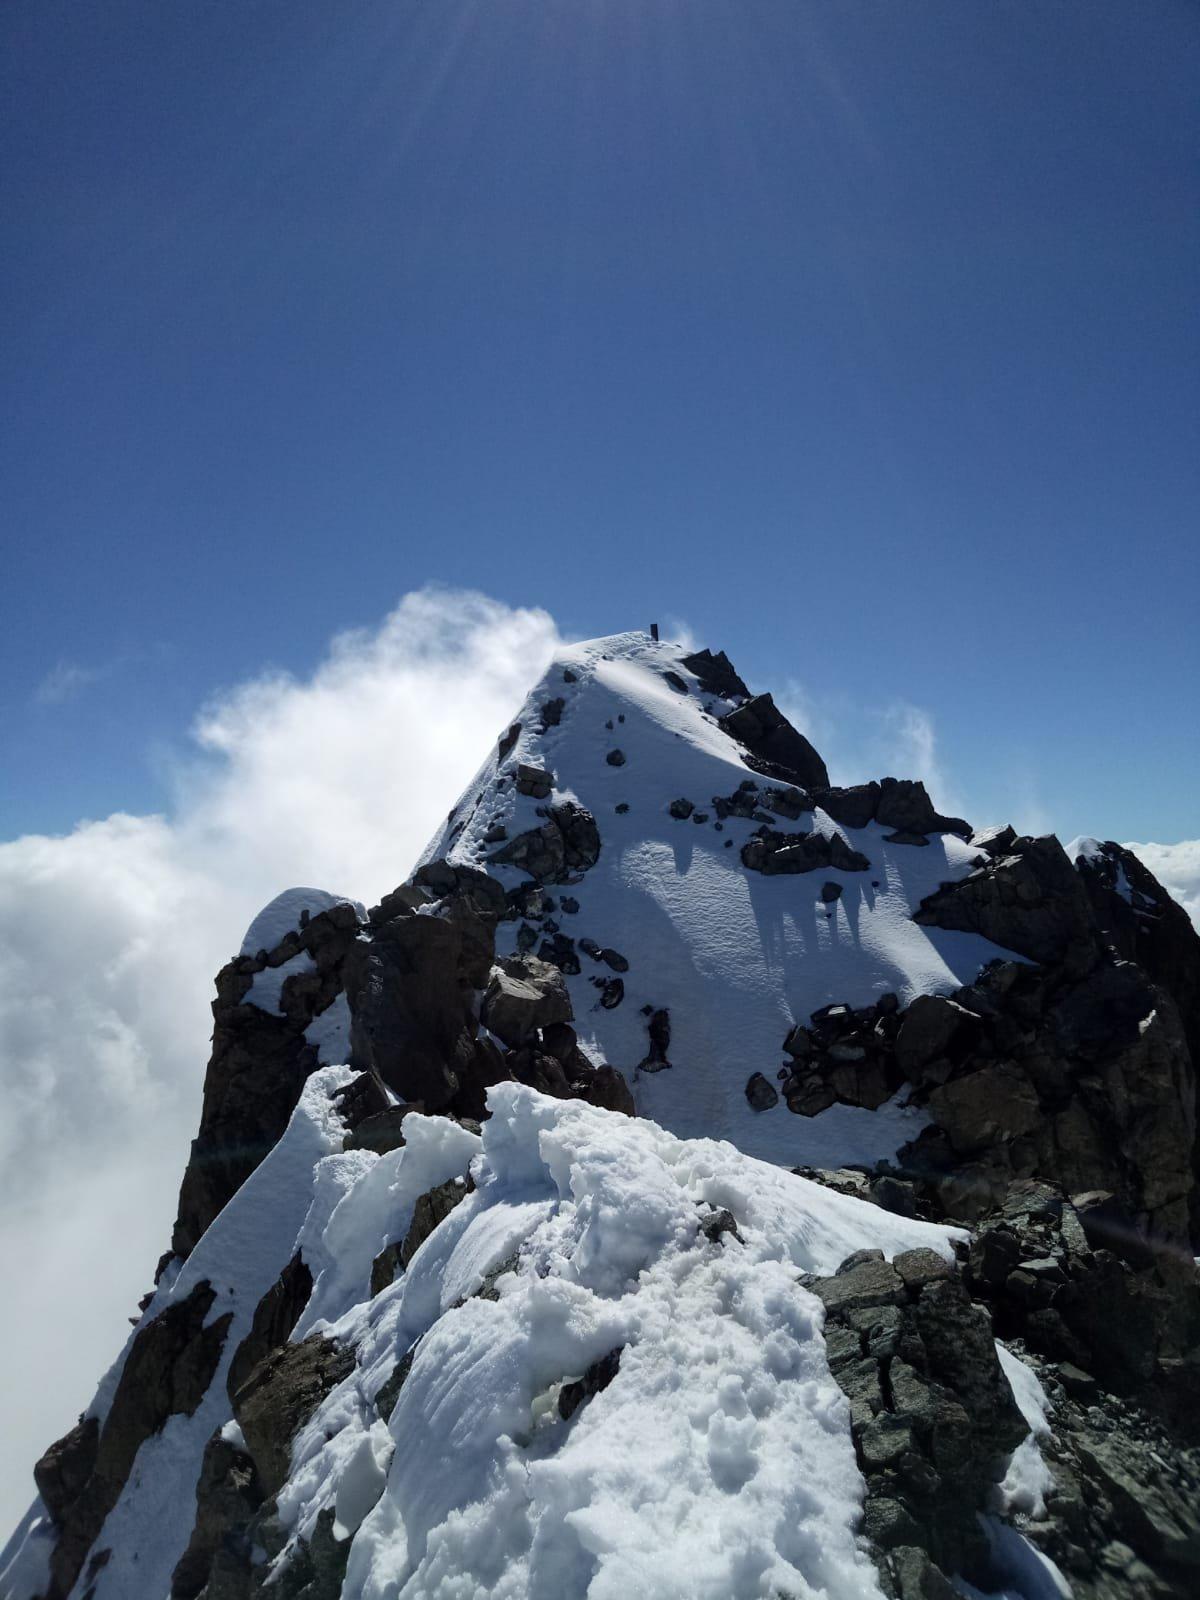 Disgrazia (Monte) Via Normale della Cresta O/NO (Cresta di Pioda) 2020-06-30